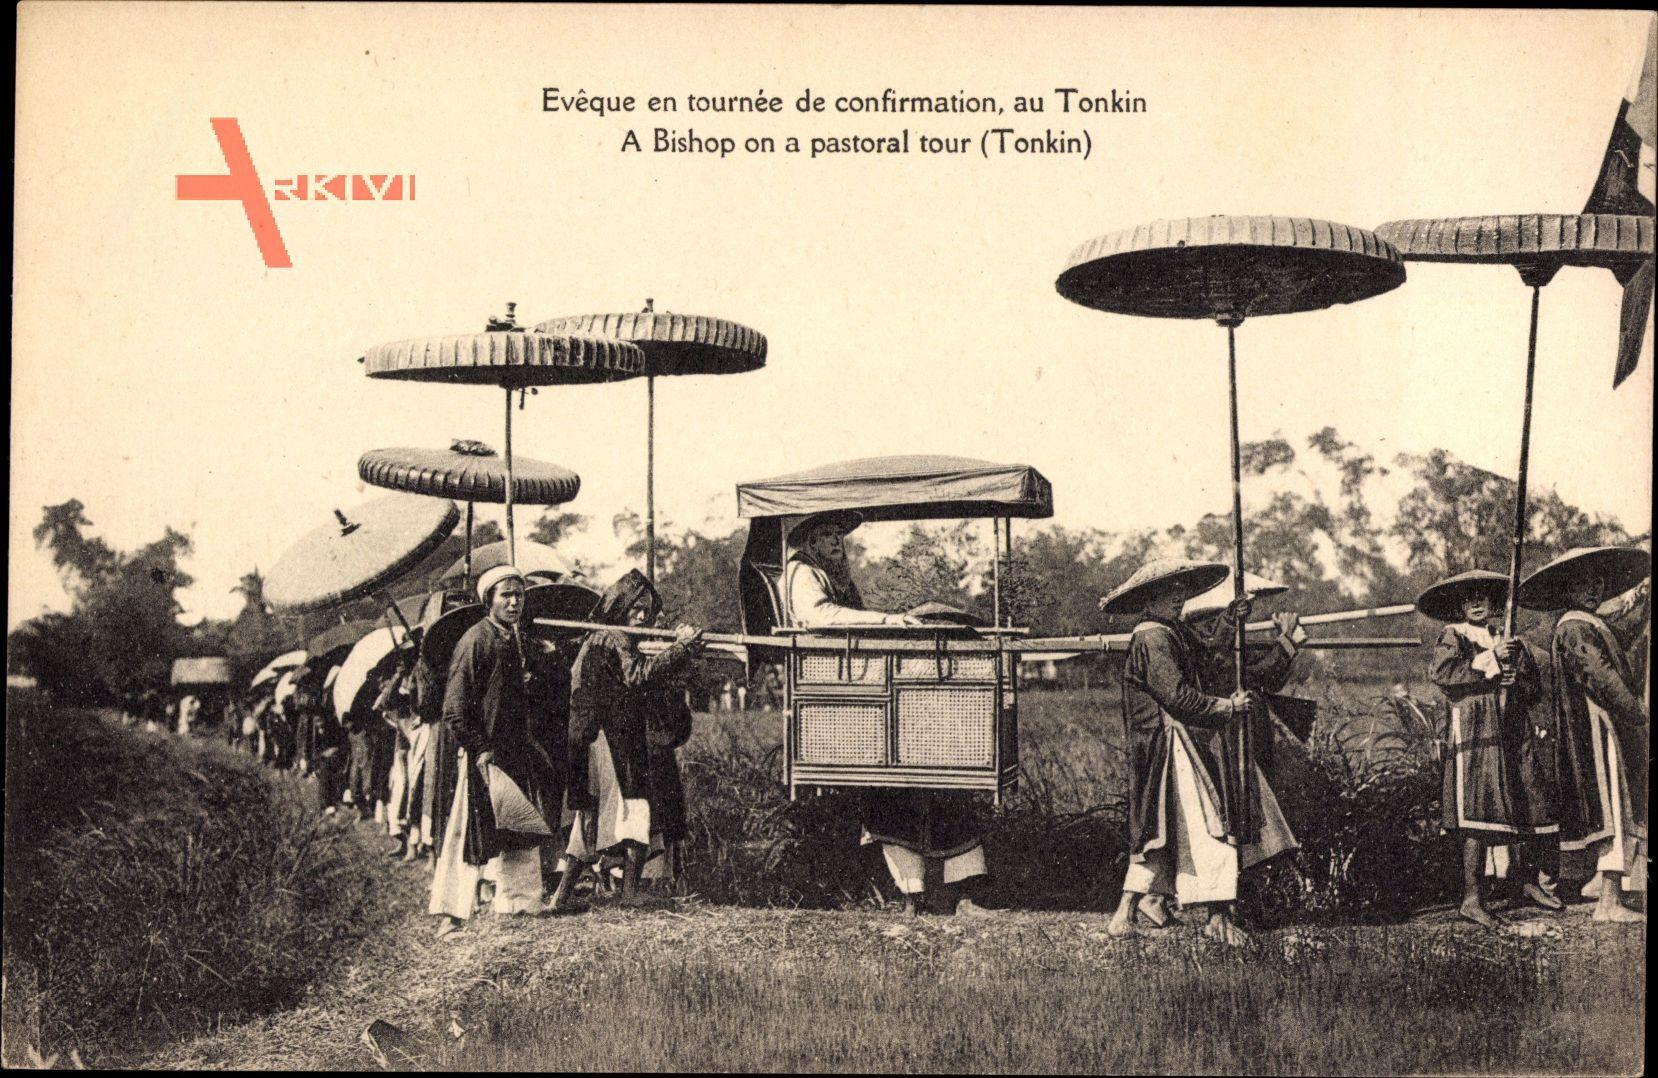 Tonkin Vietnam, Eveque en tournee de confirmation, Vietnamesen